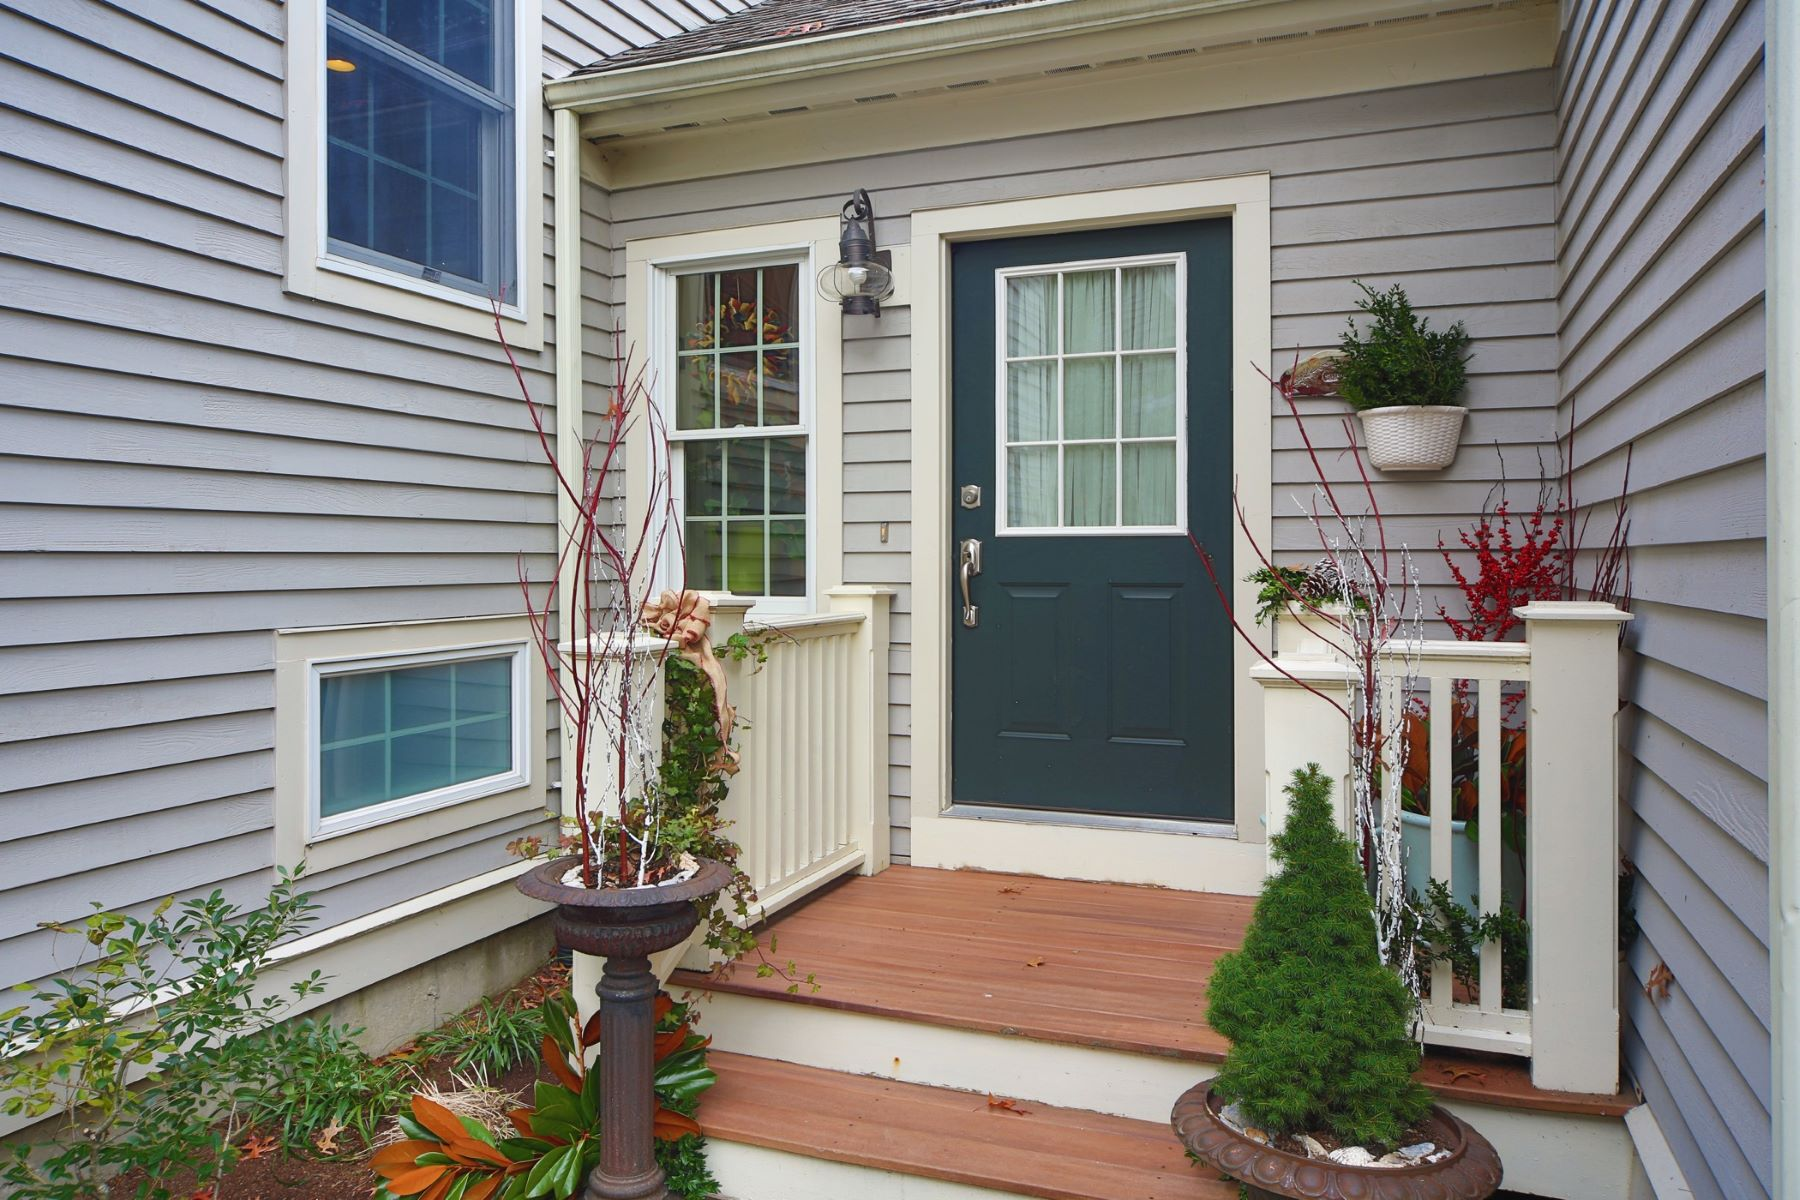 共管式独立产权公寓 为 销售 在 9 Chestnut Lane 9, Lexington 9 Chestnut Ln 9 Lexington, 马萨诸塞州 02421 美国